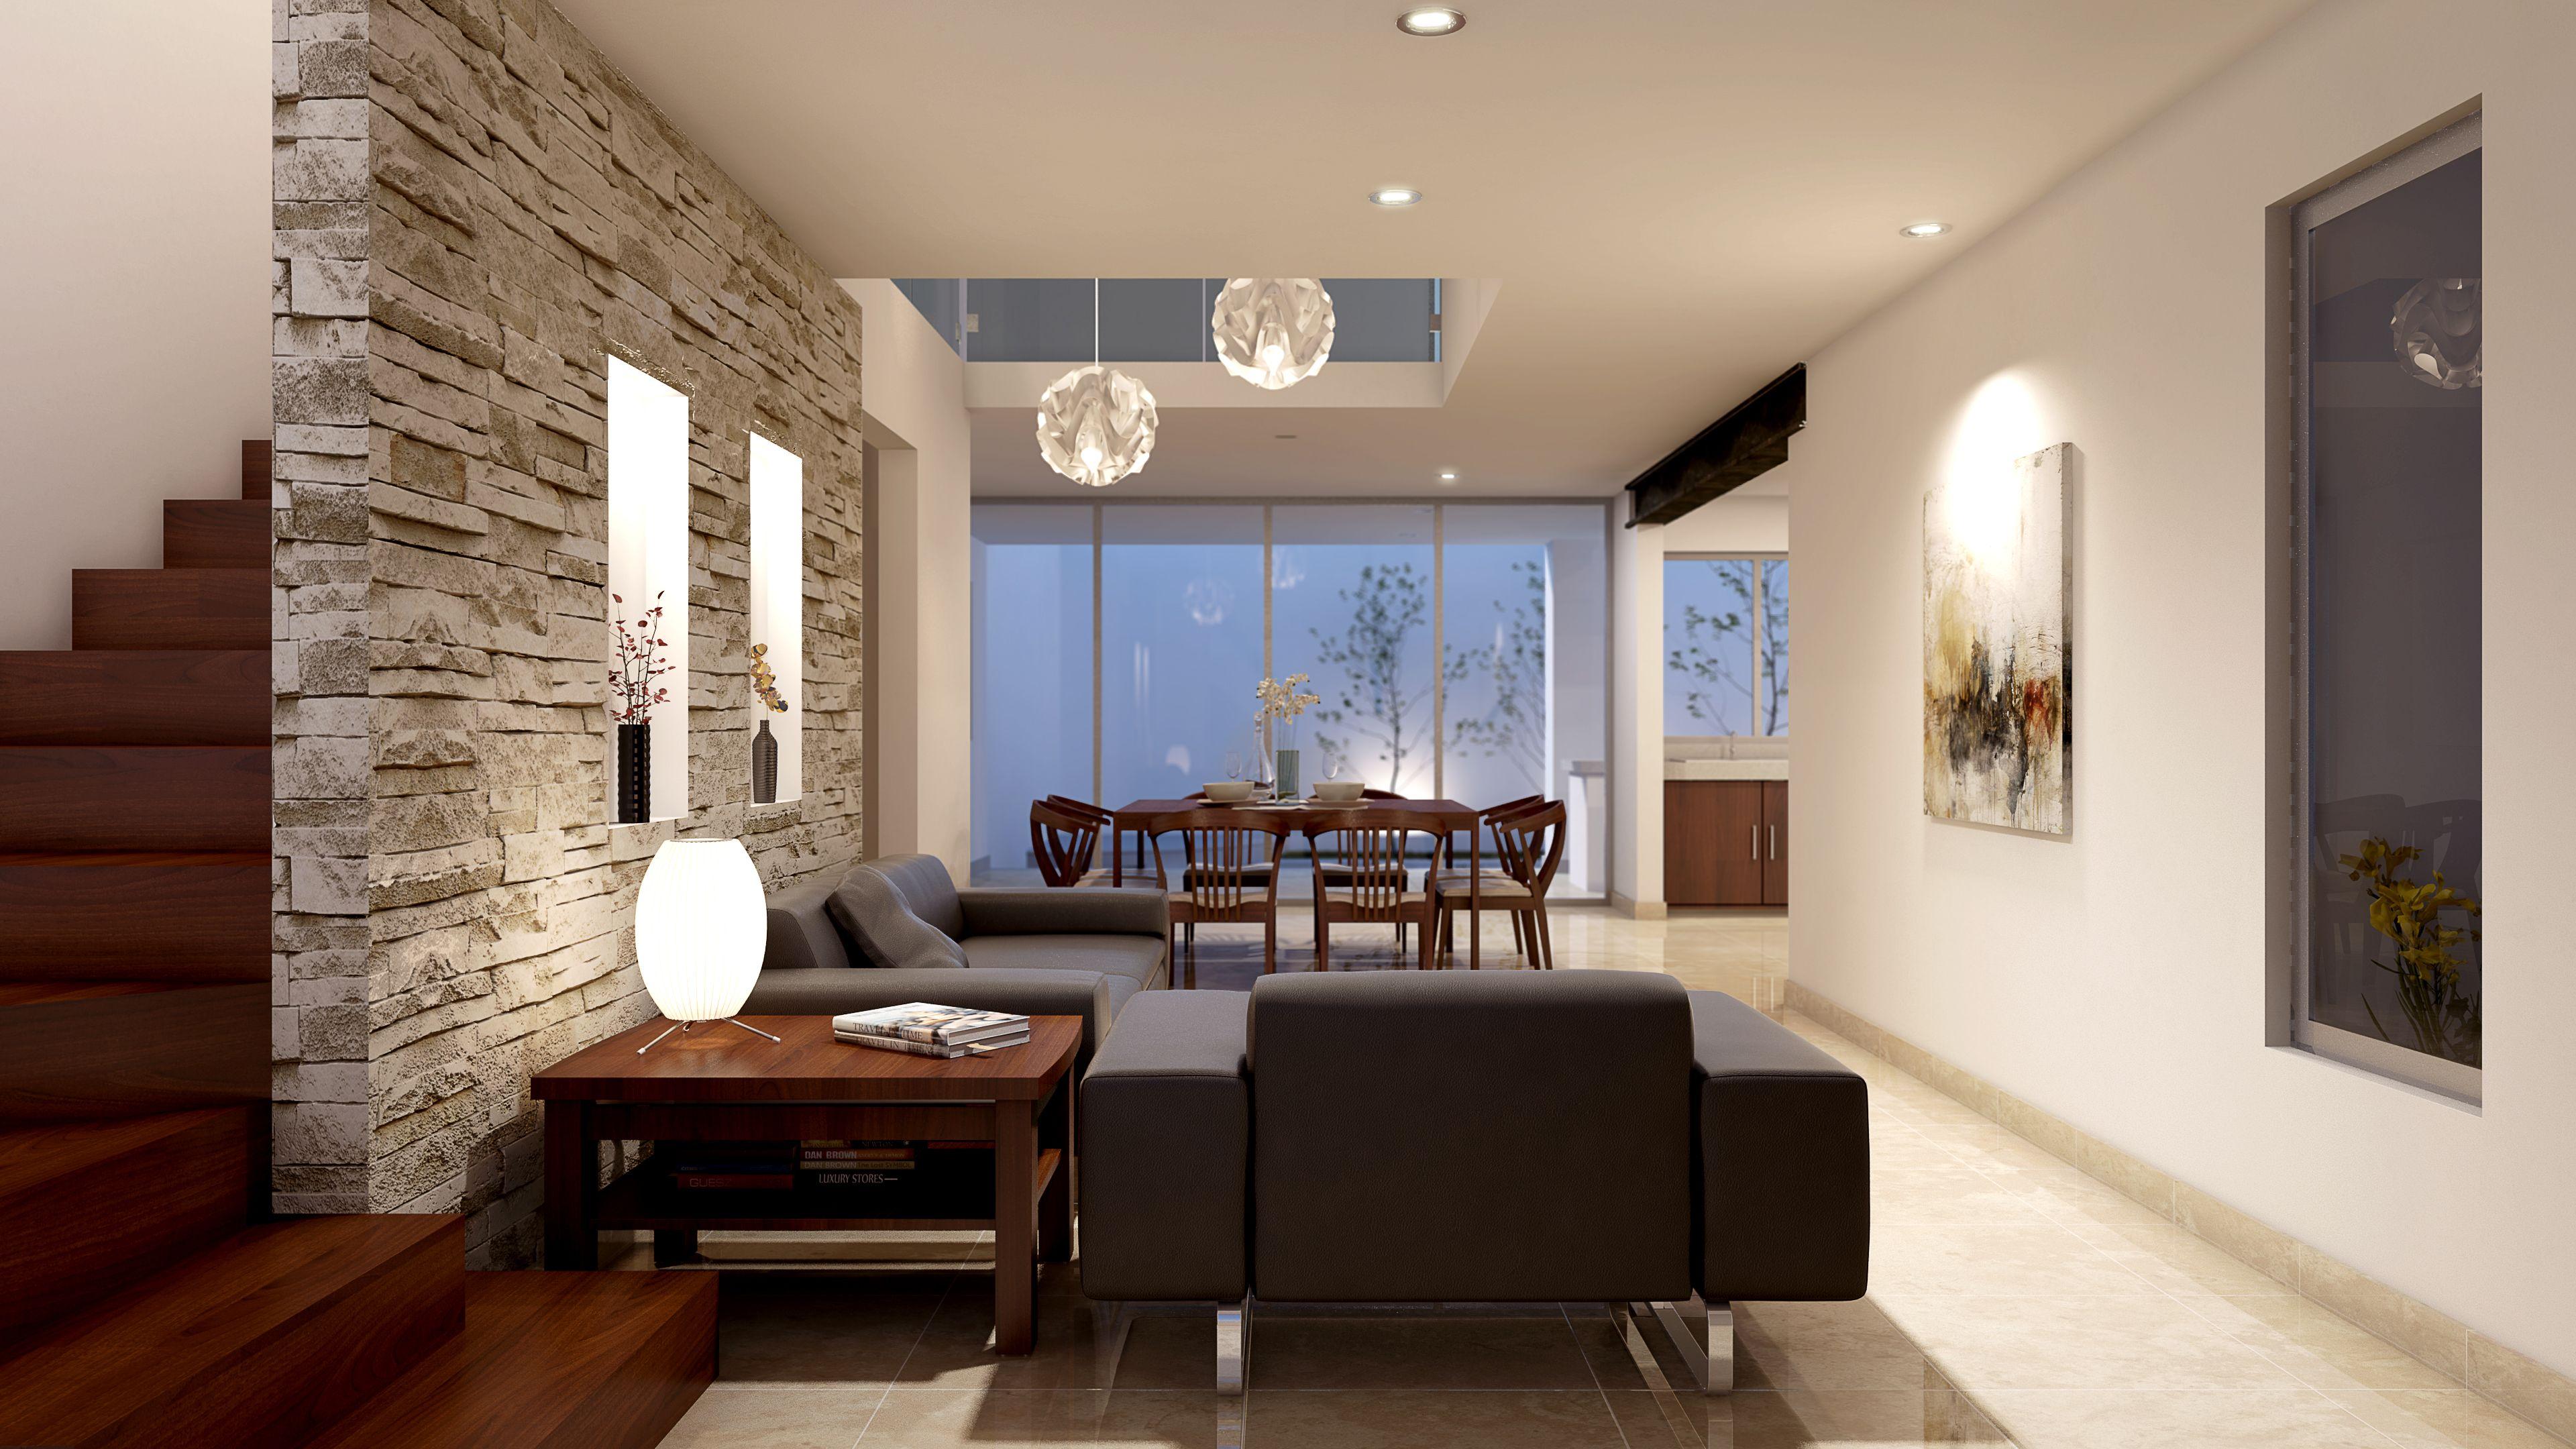 Sala comedor escalera de madera nicho de piedra rajuela for Diseno de interiores hd